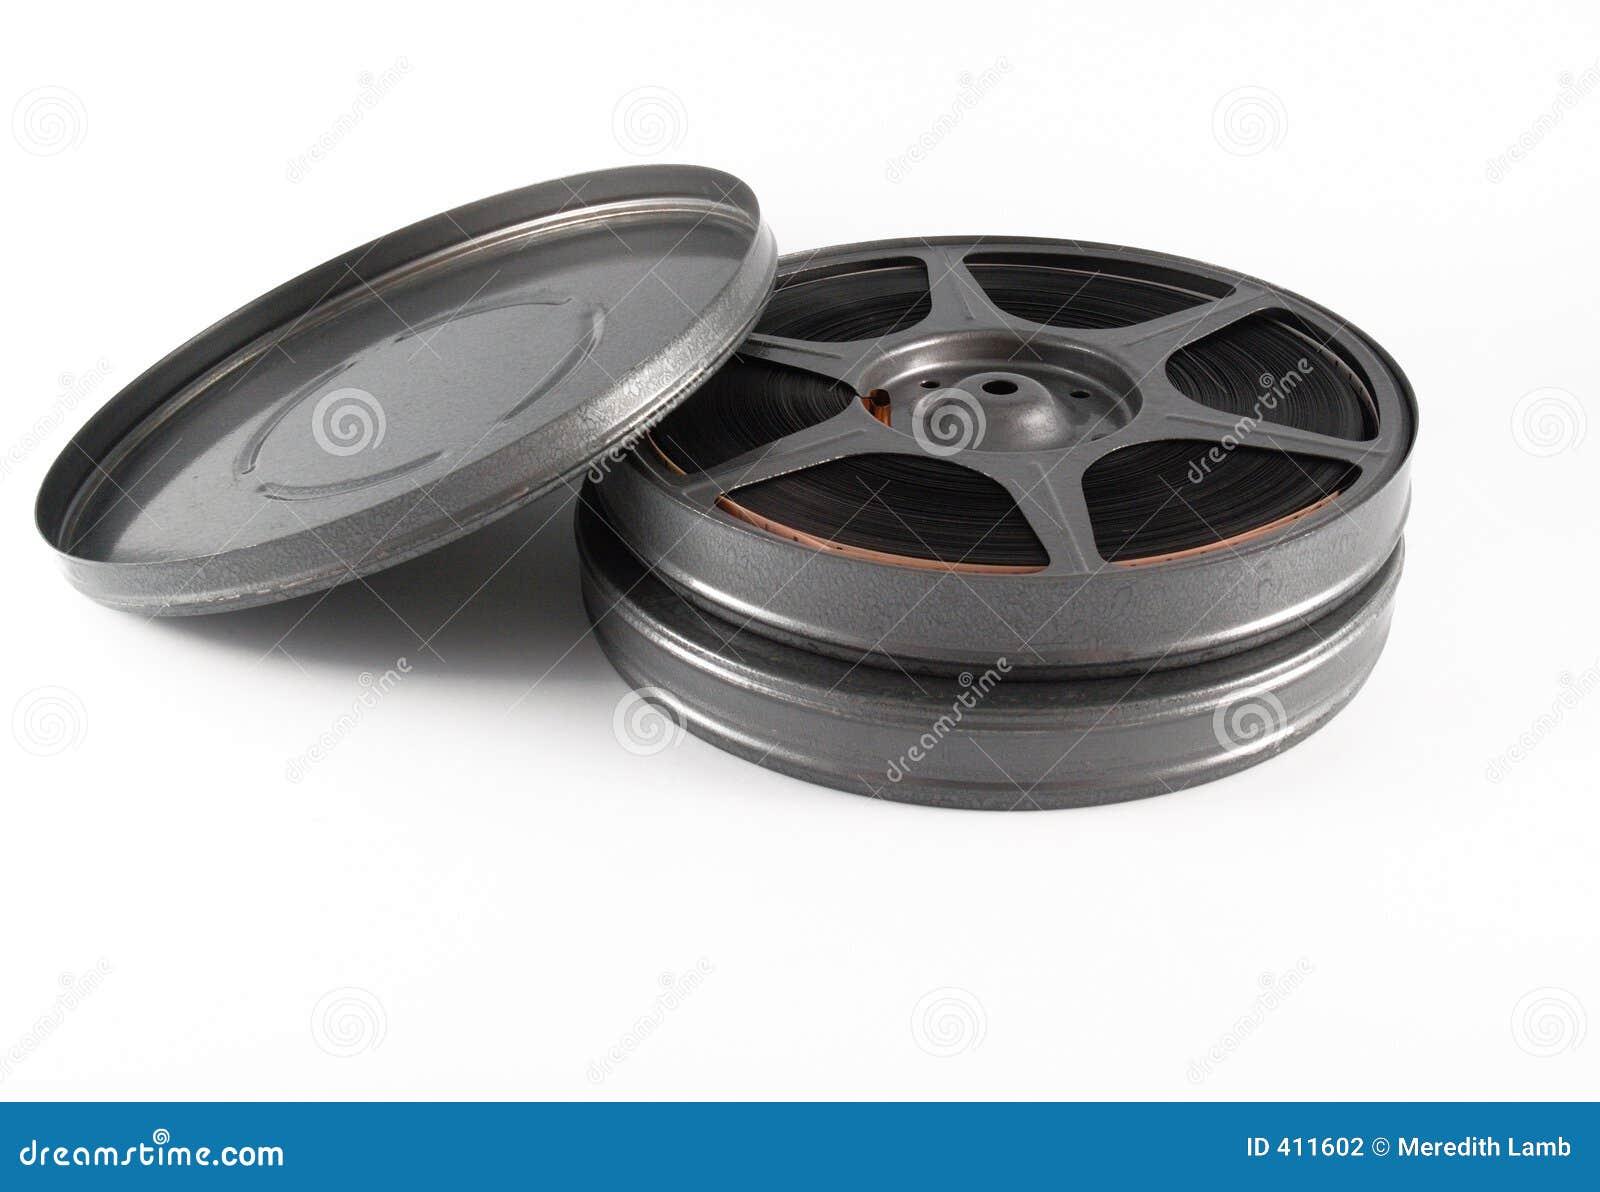 Filmują pojemników 16 mm rolkę